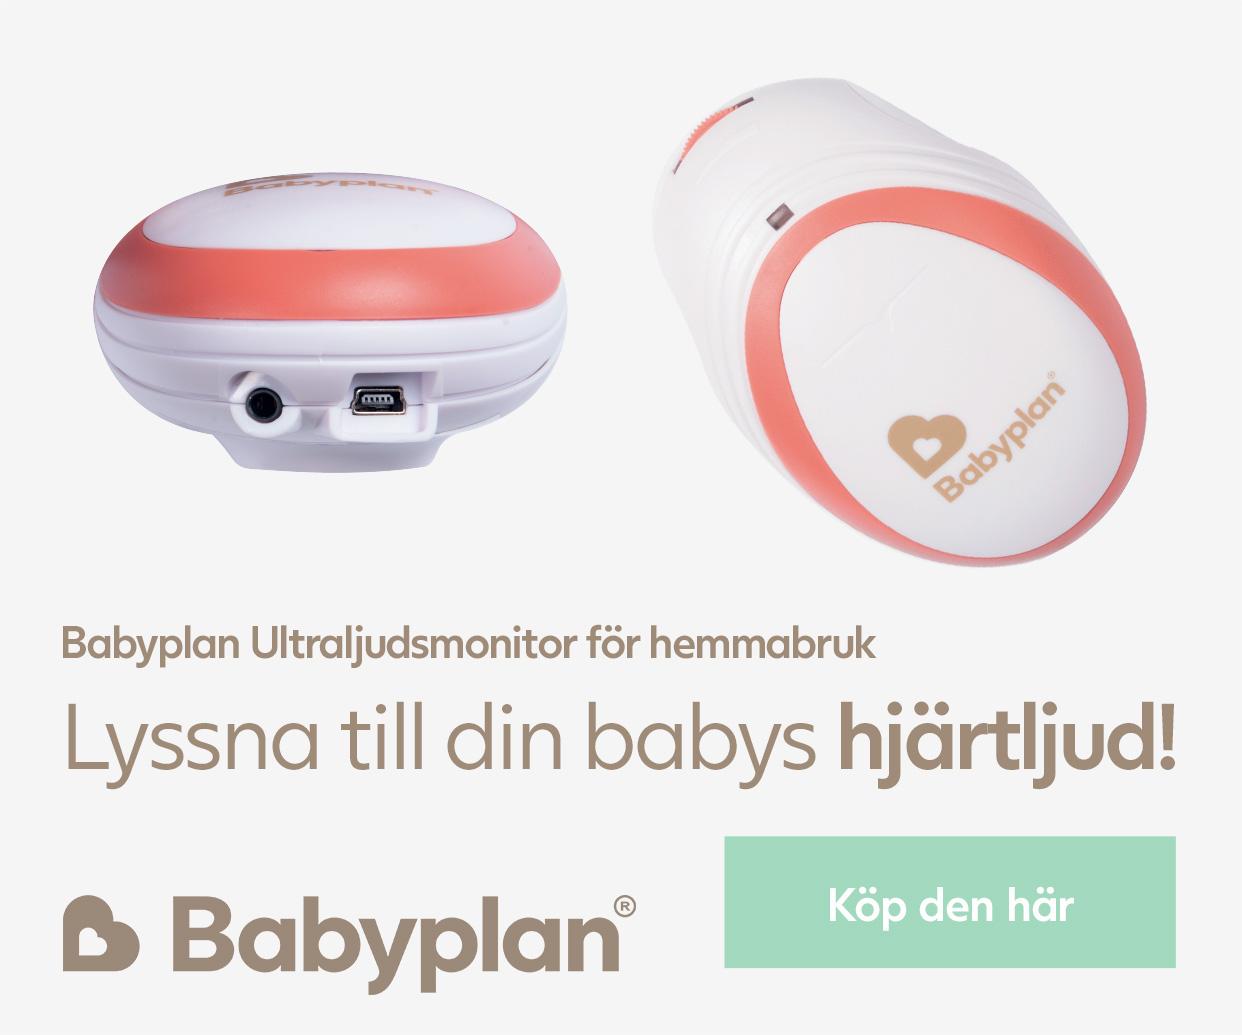 Babyplan Ultraljudsmonitor för hemmabruk